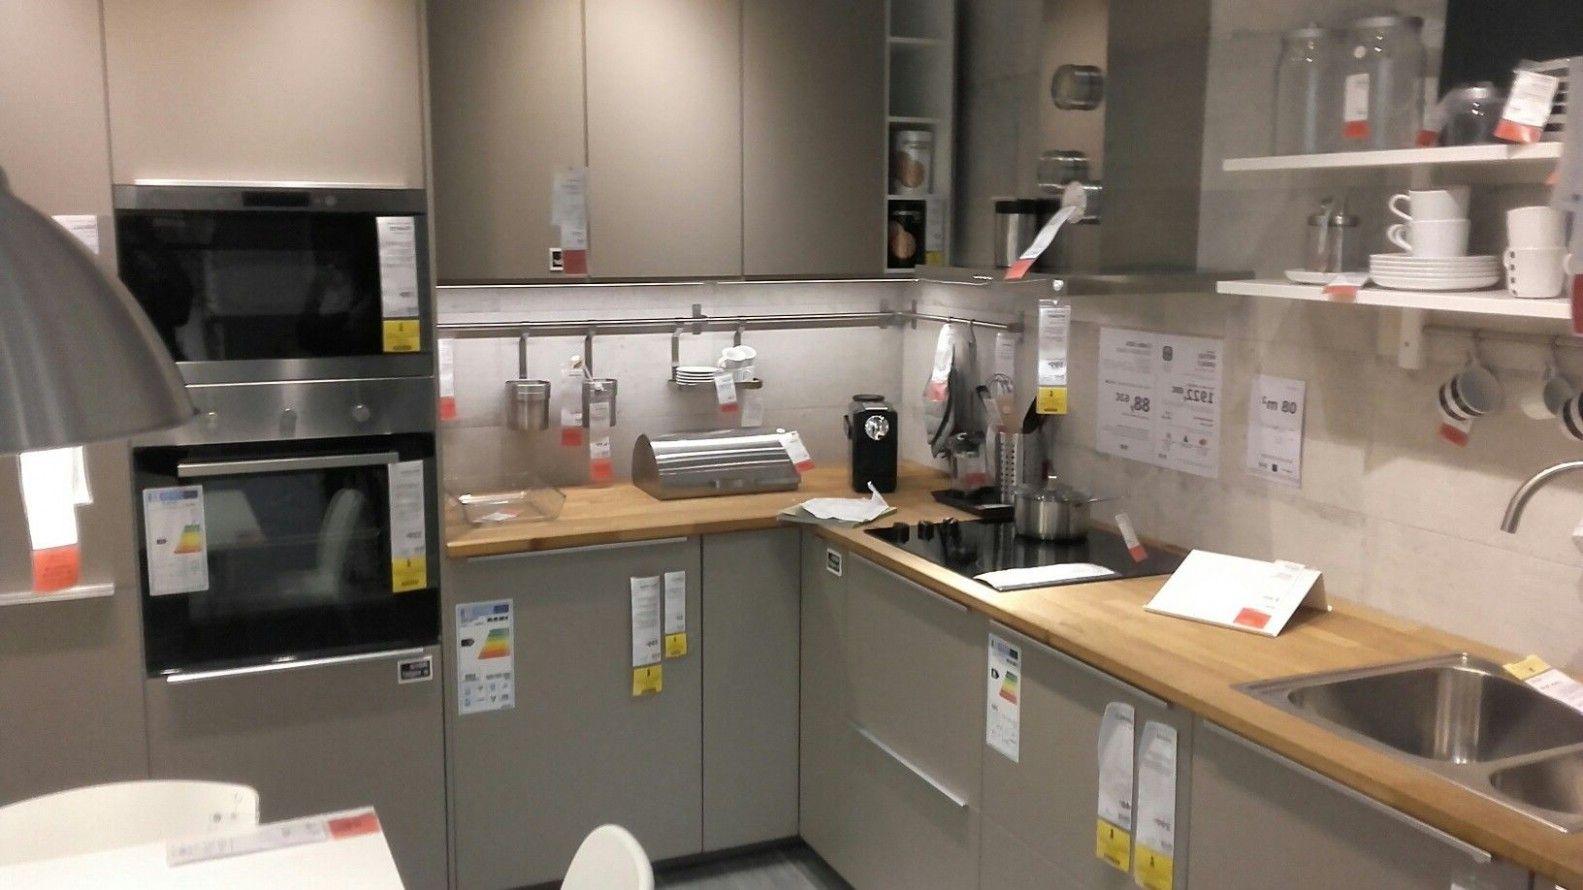 Cozinha Ubbalt Bege Escuro Ikea Portugal Gostei Kd Estive La